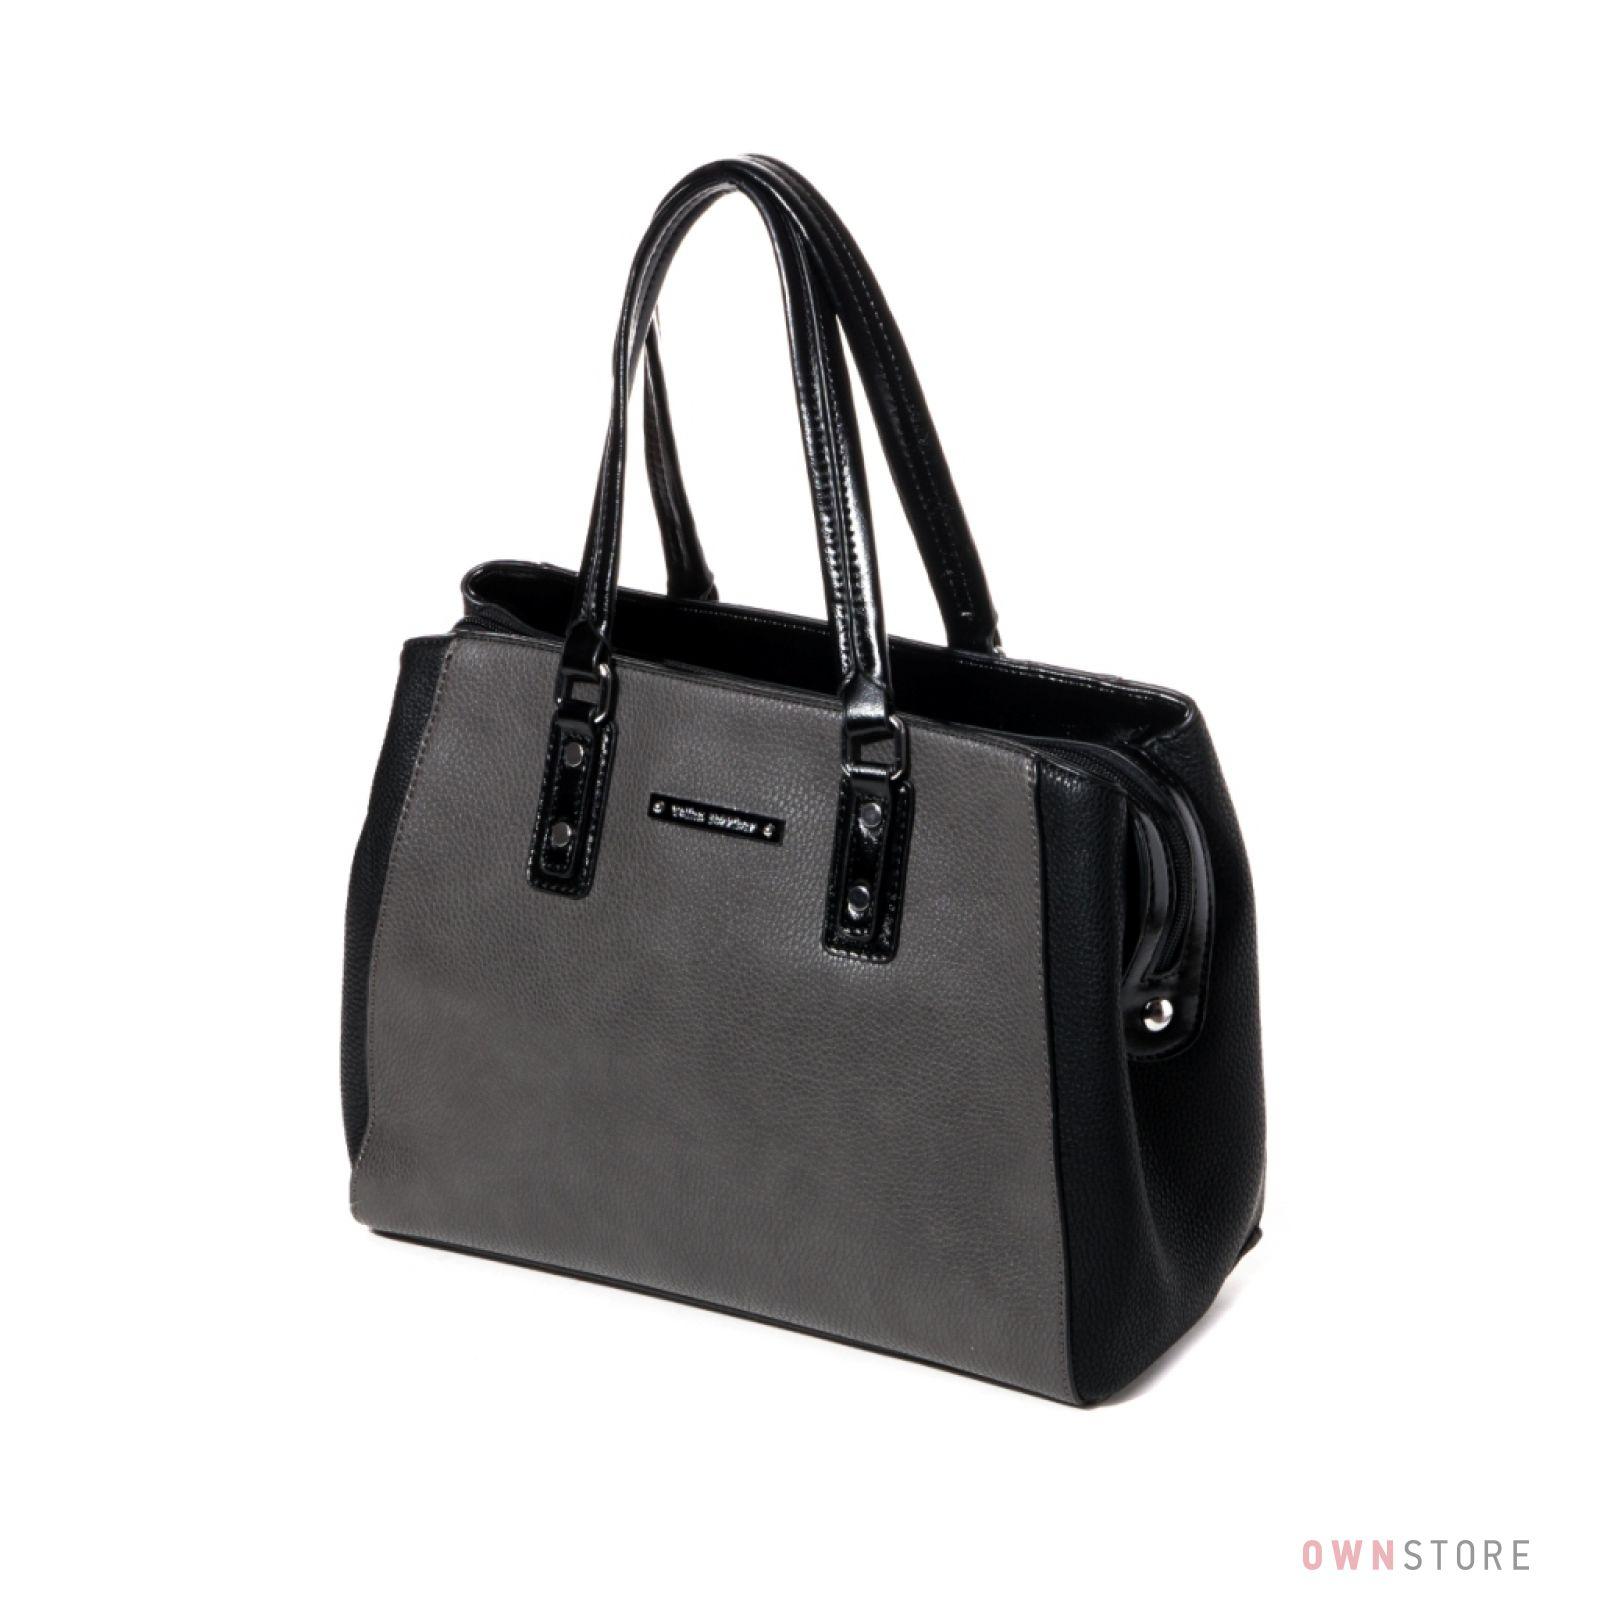 9845b408a7d4 Купить сумку женскую черно-серую из кожзаменителя Велина Фабиано онлайн -  арт.551134